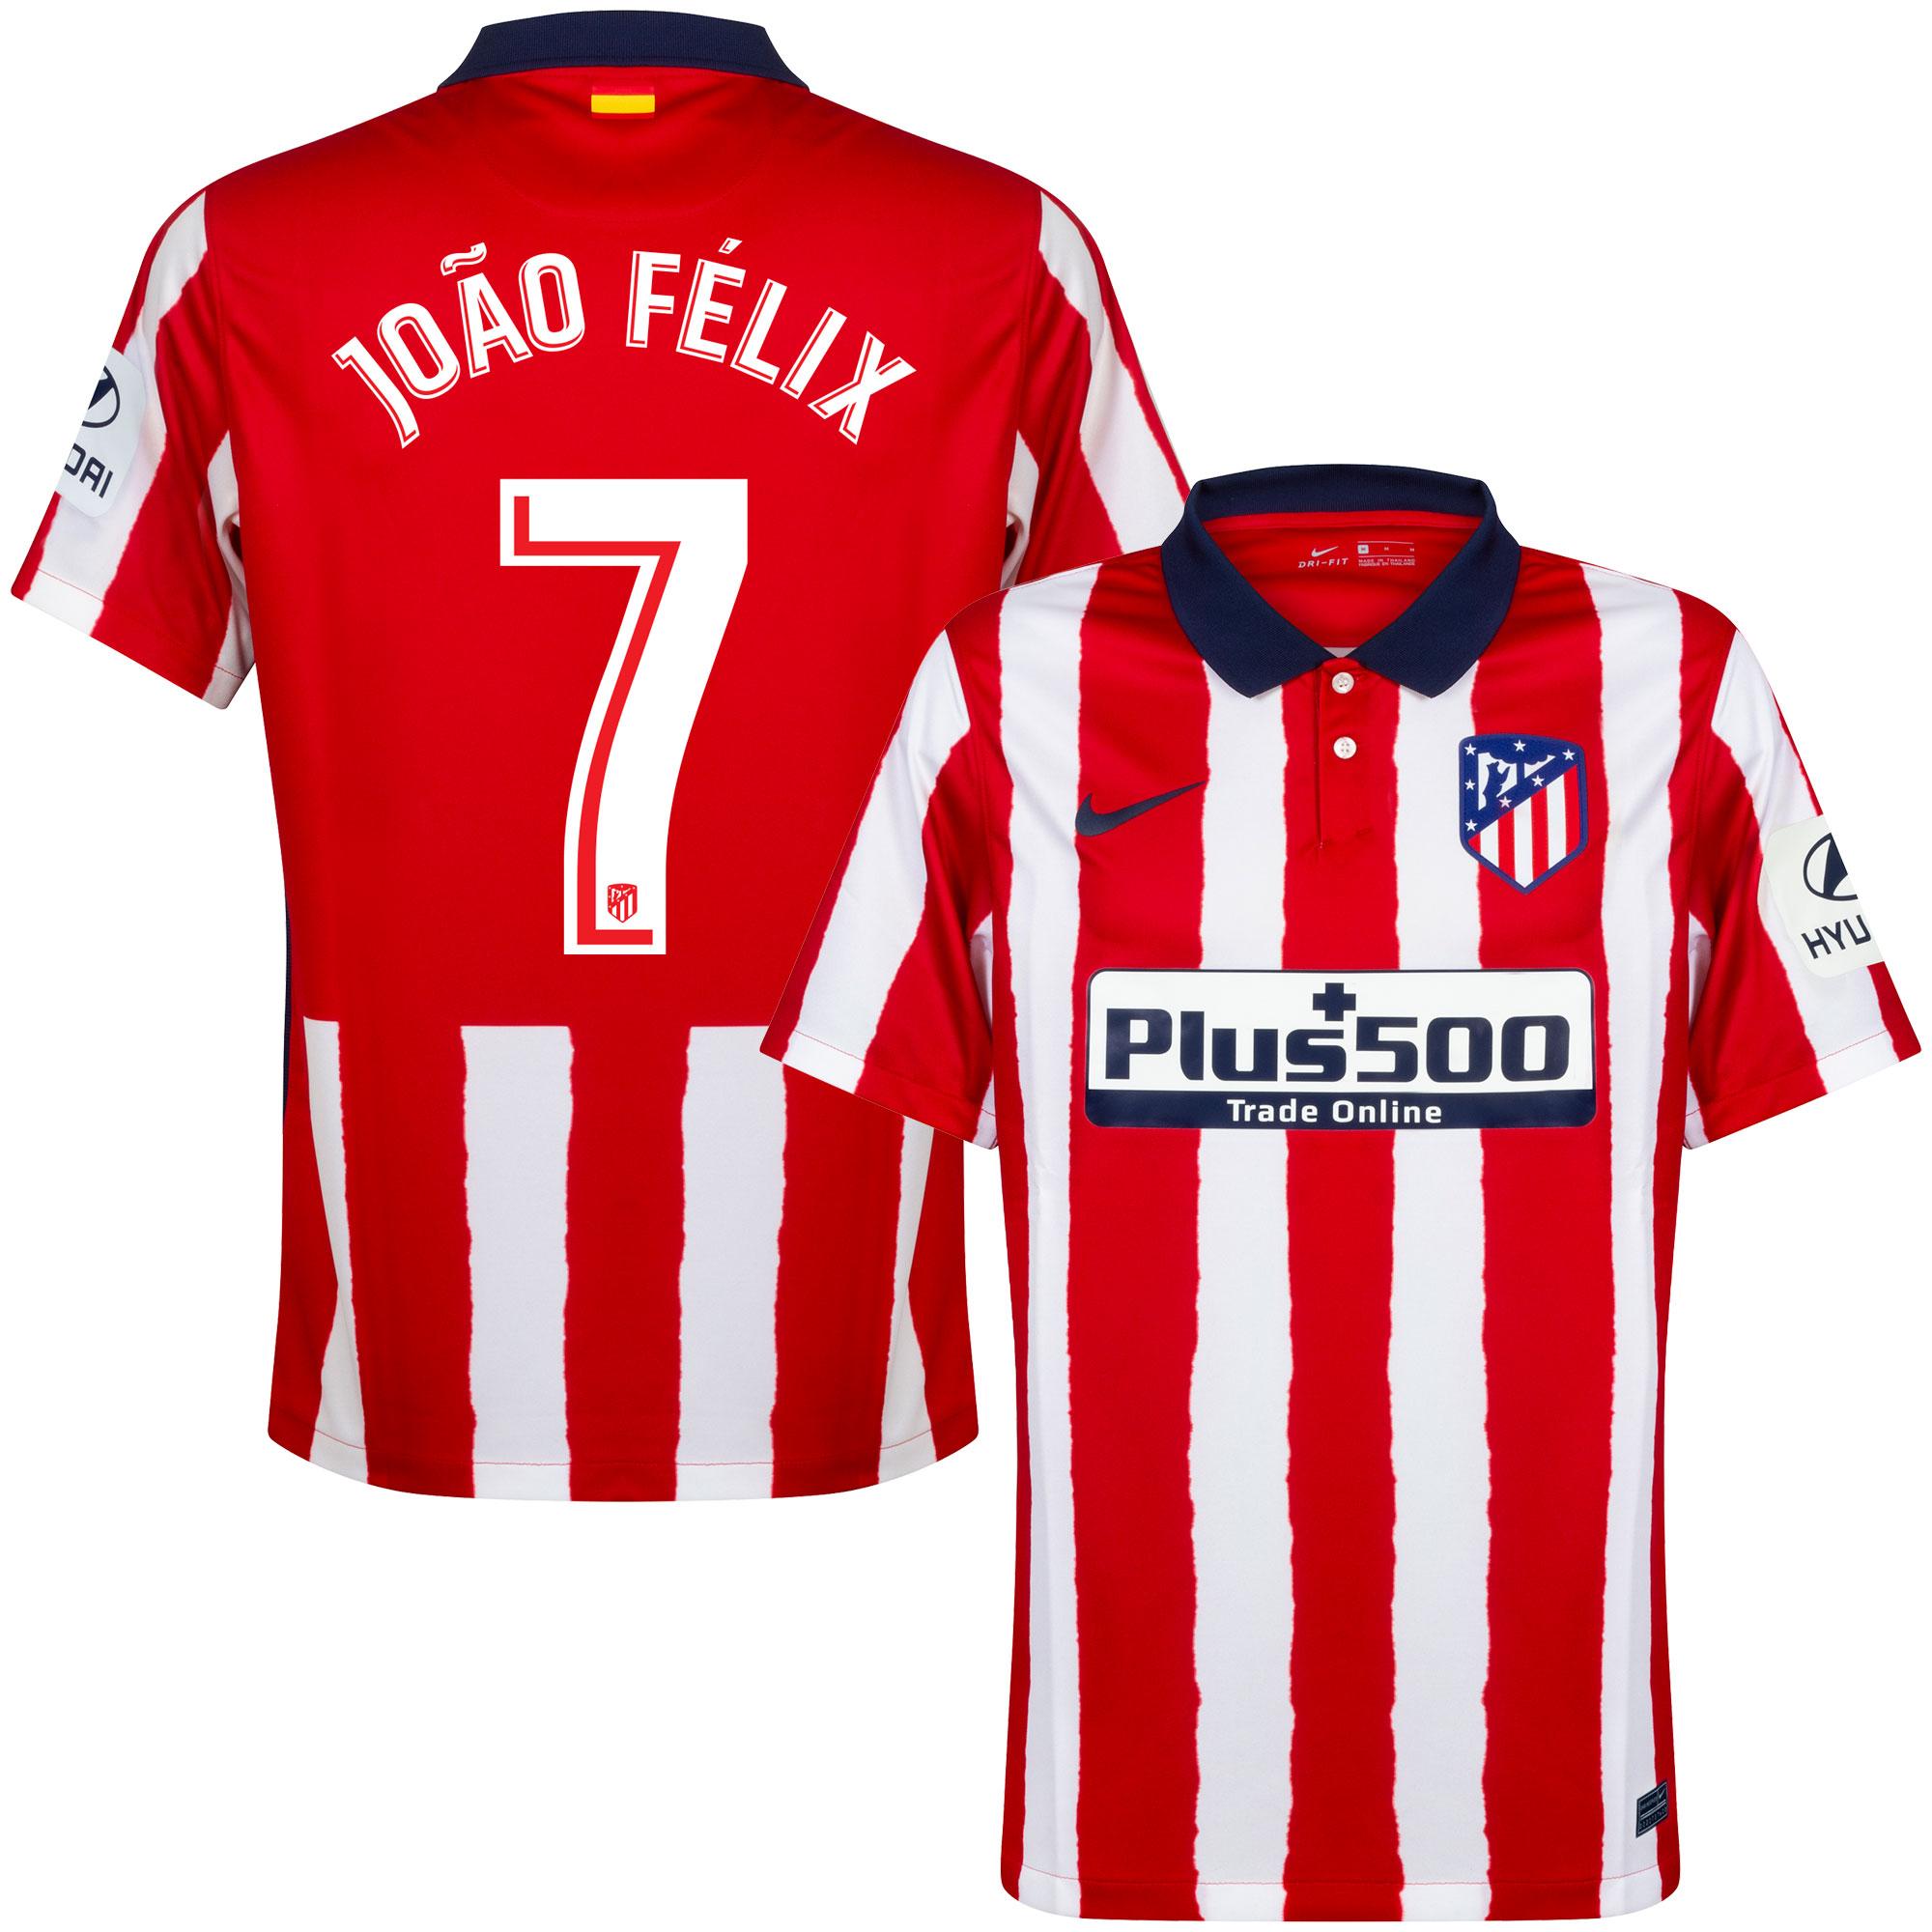 Atletico Madrid Shirt Thuis 2020-2021 + João Félix 7